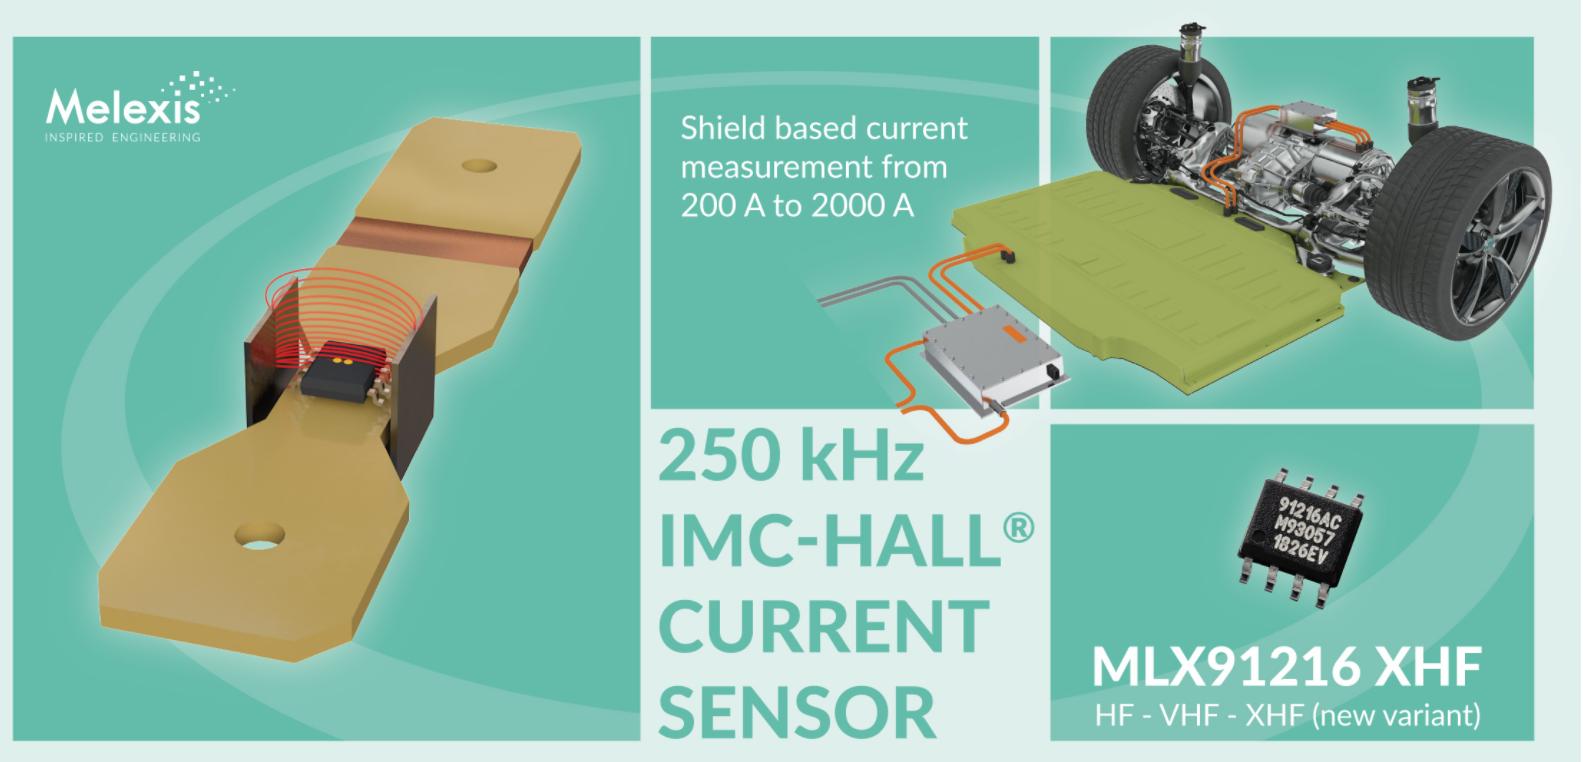 Melexis 推出新款测量范围超 2000A 的IMC-Hall? 电流传感器芯片